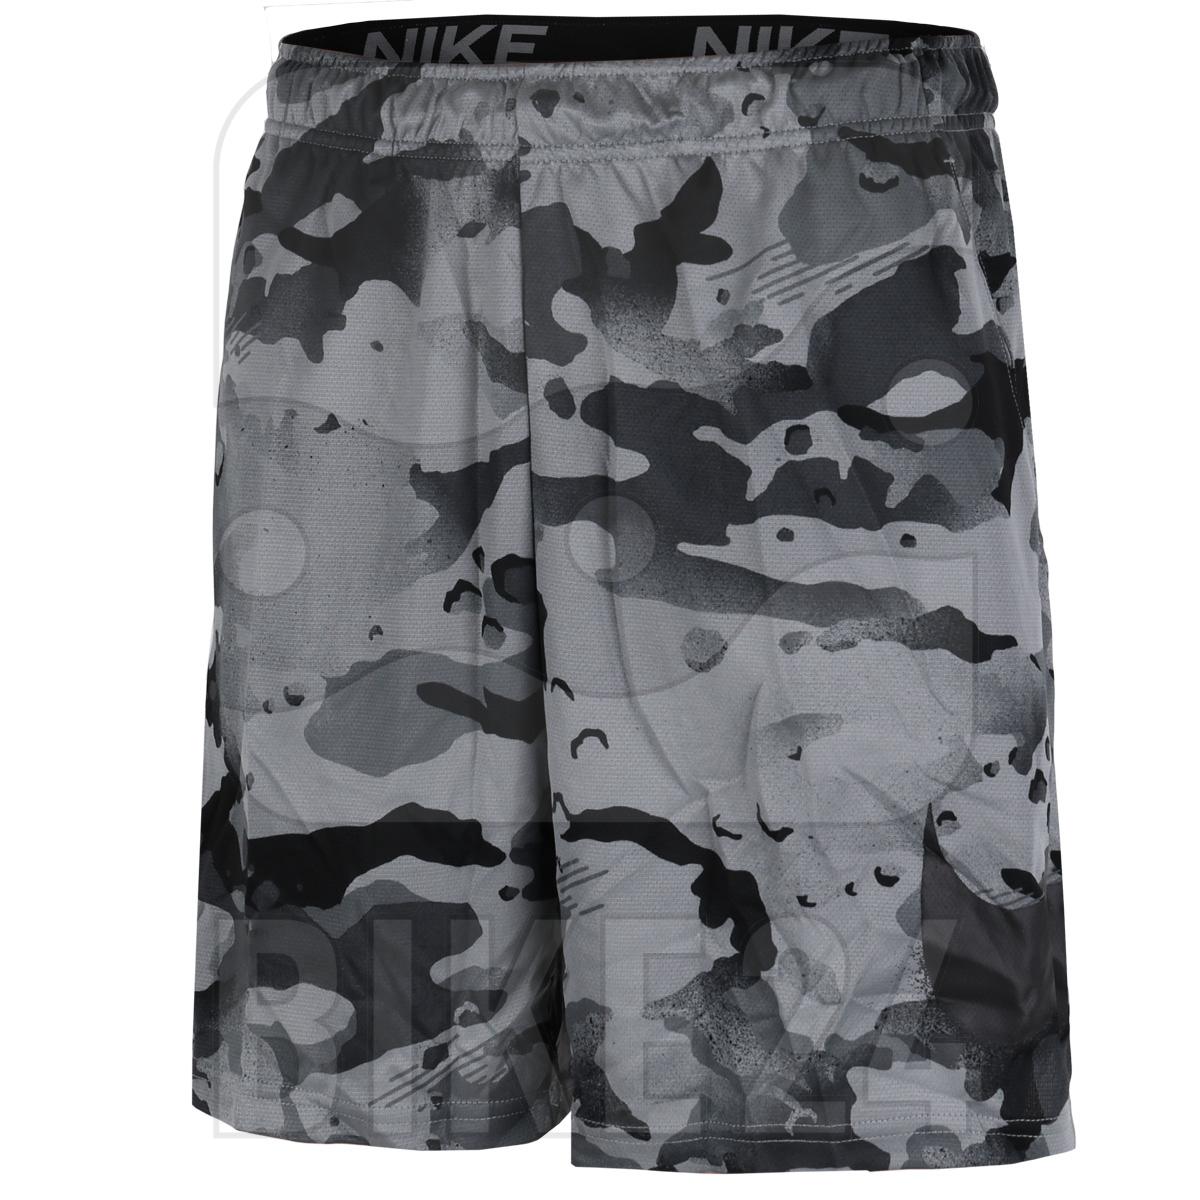 Foto de Nike Dri-FIT Pantalones cortos para hombre - black/grey fog CU4038-010